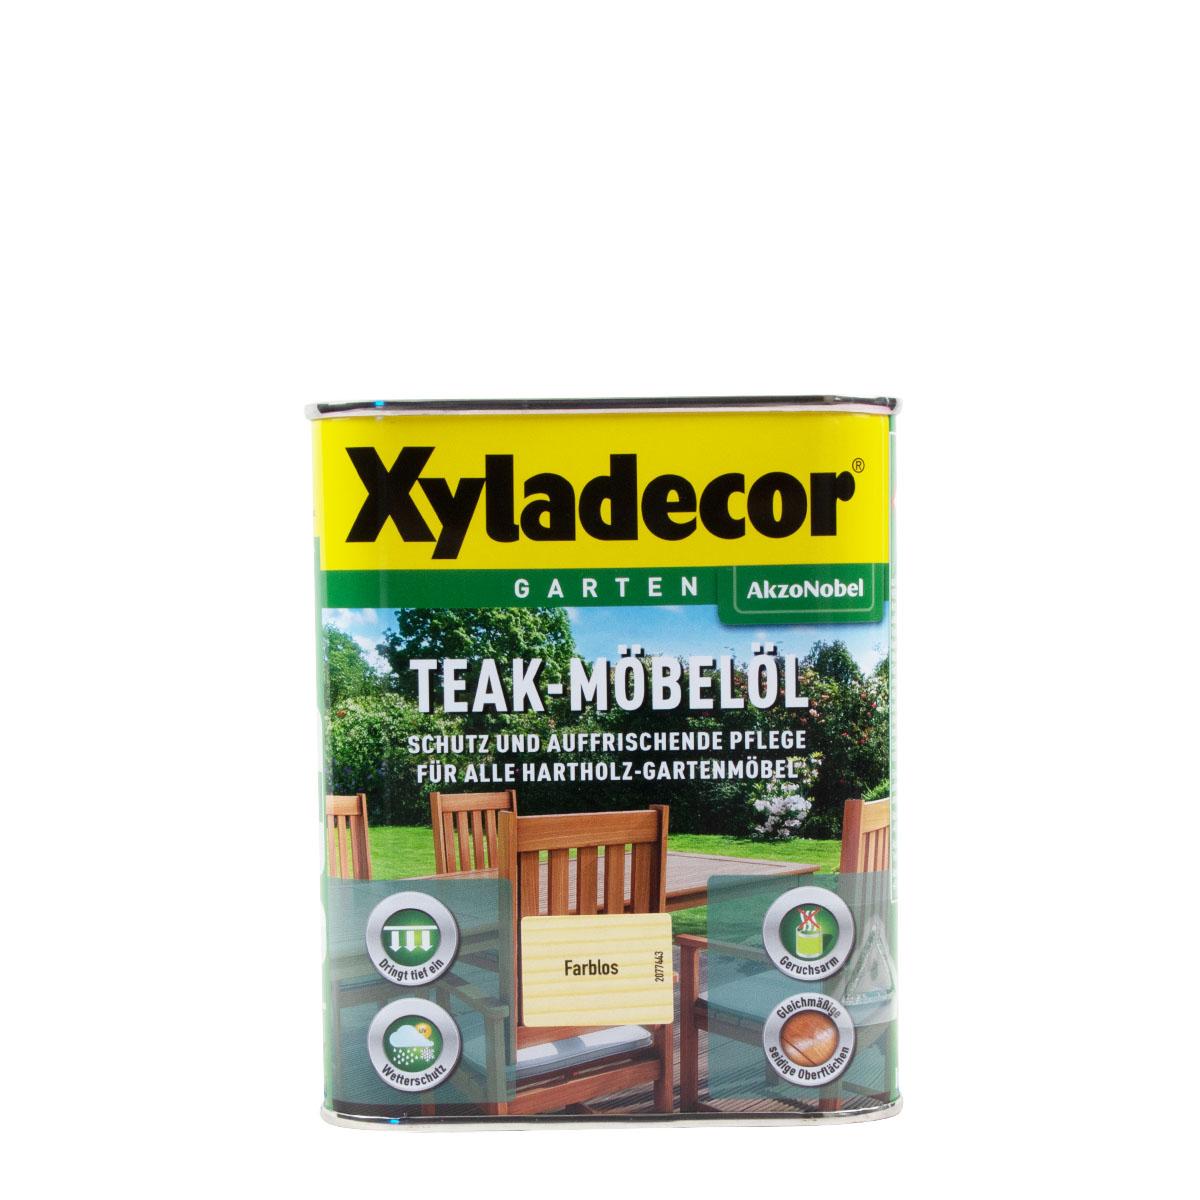 Xyladecor Teak-Möbelöl Farblos 750ml ,Hartholzmöbel-öl